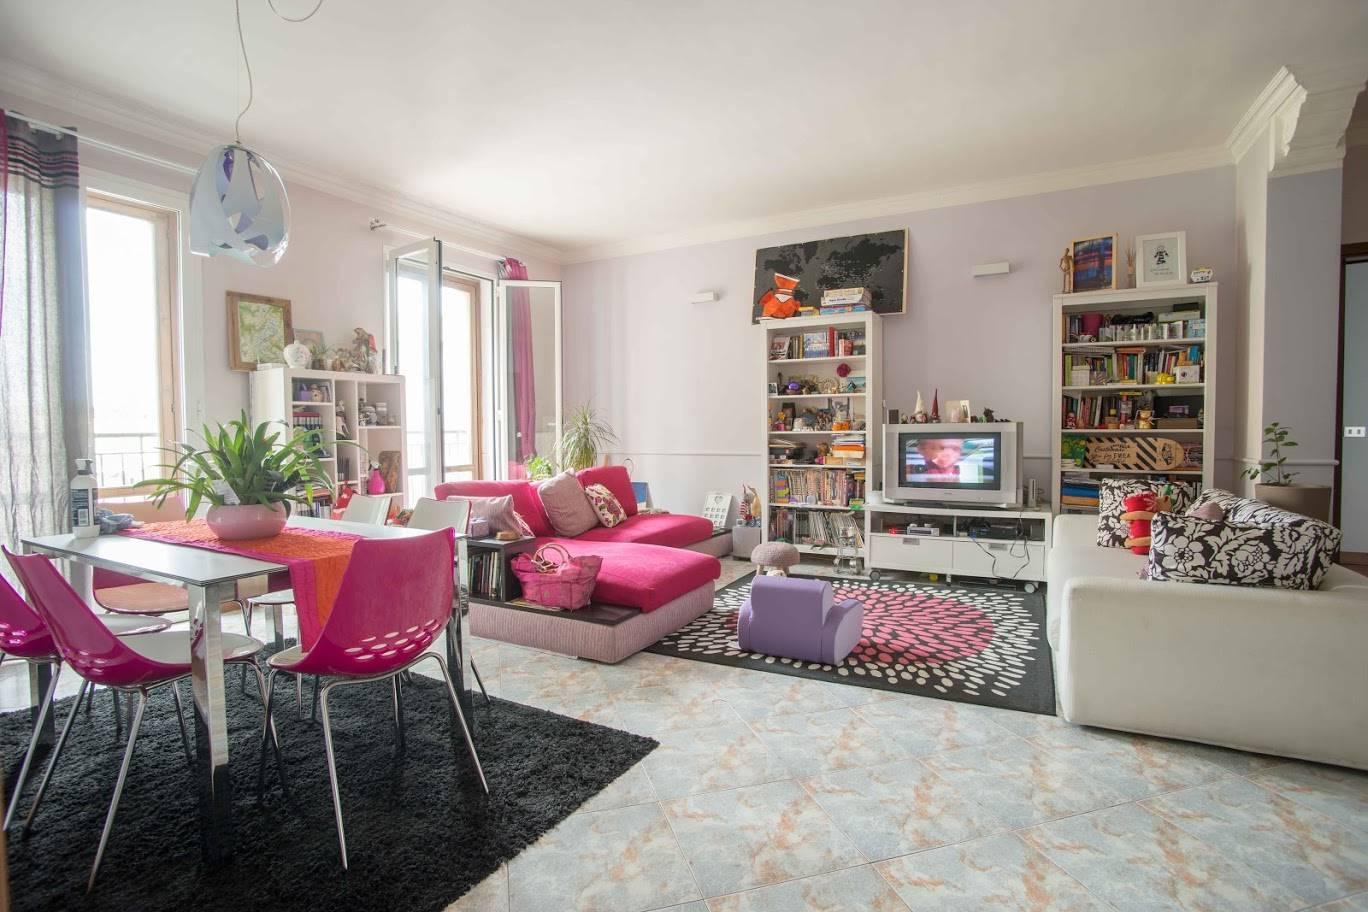 Appartamento in vendita a Busto Garolfo, 4 locali, prezzo € 159.000 | CambioCasa.it